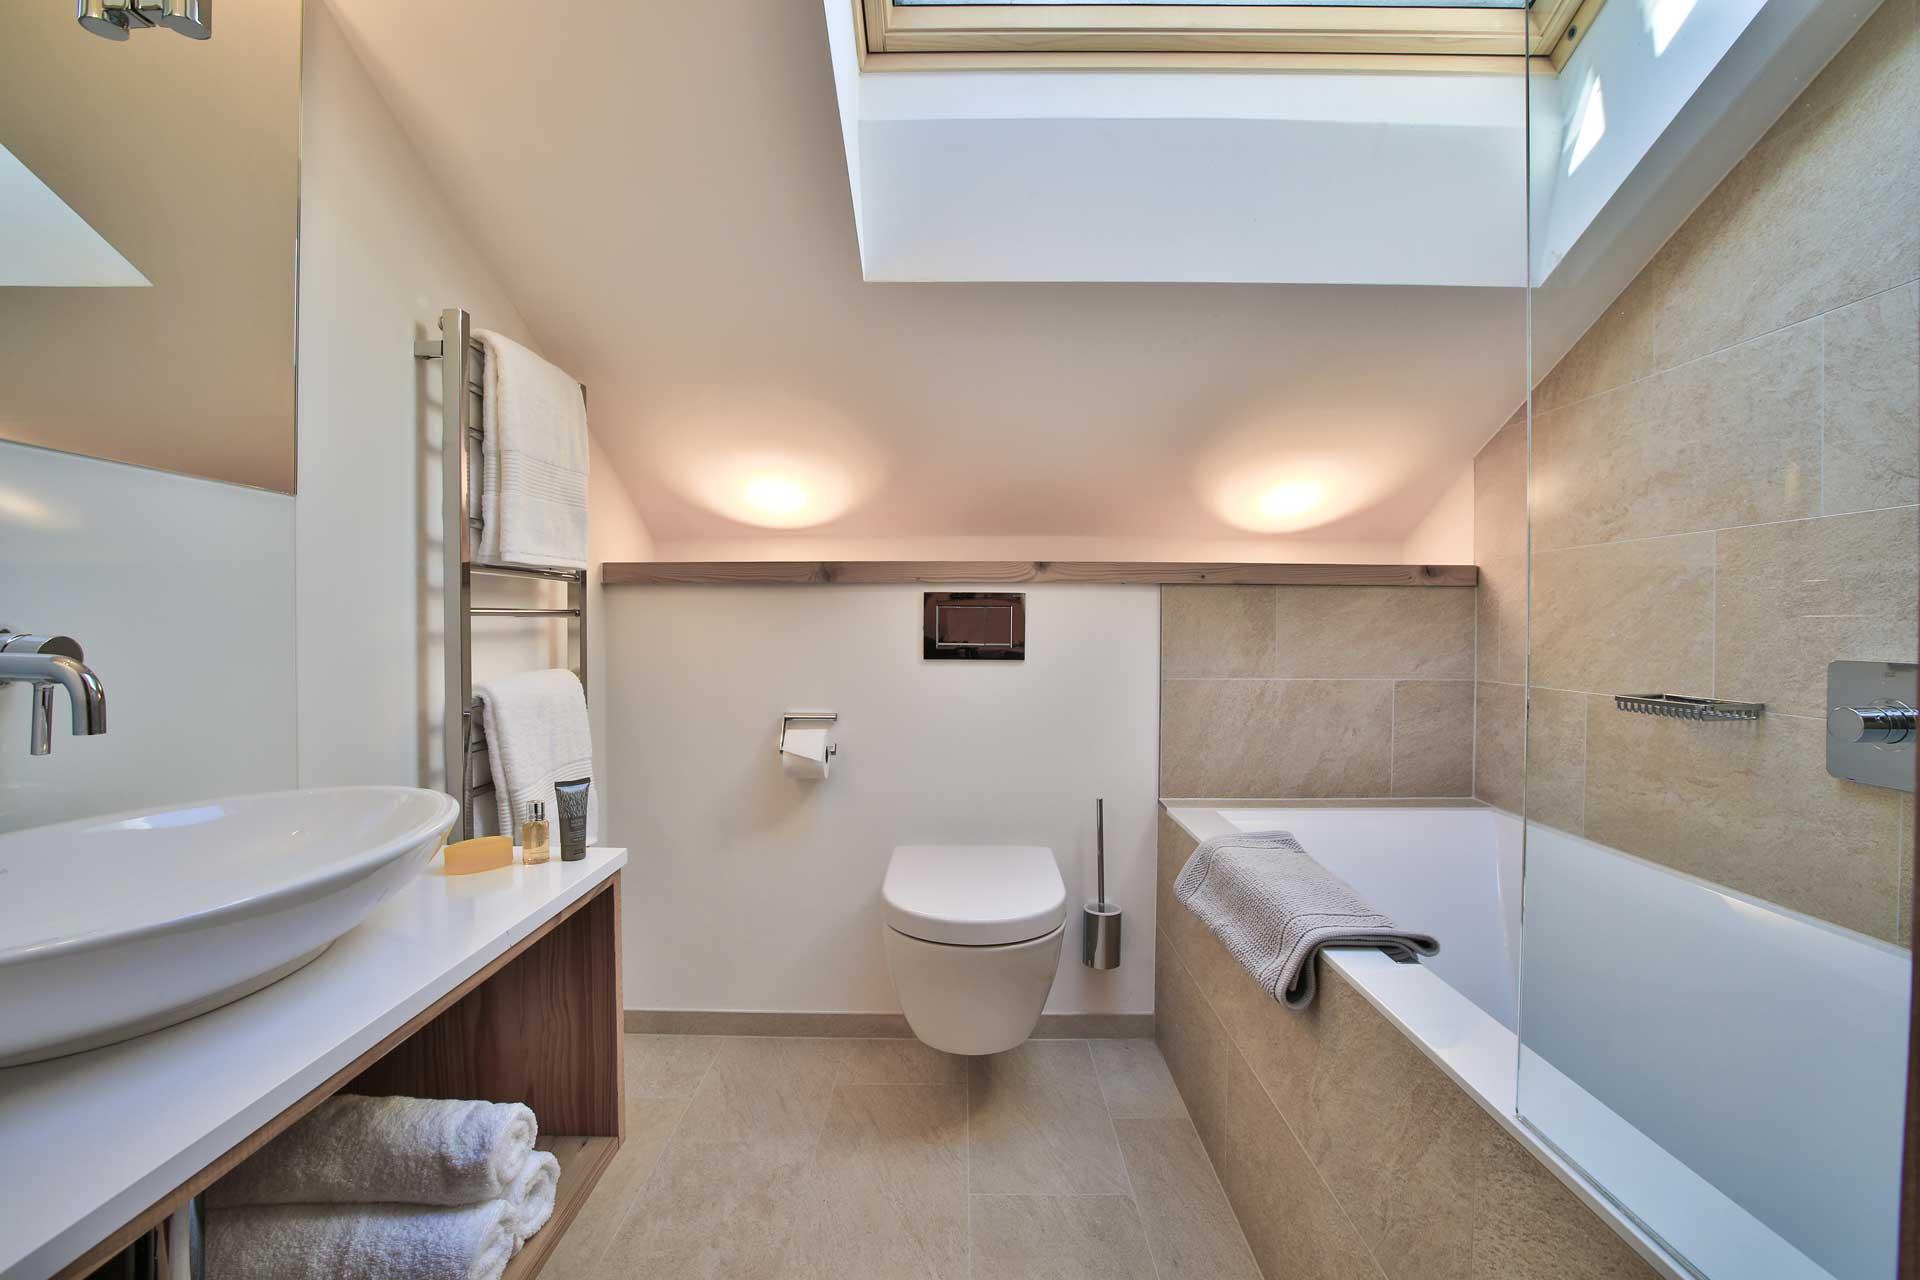 Luxus Appartement Chalet Khione Saas-Fee - Einzelbetten mit Bad en Suite OG li.